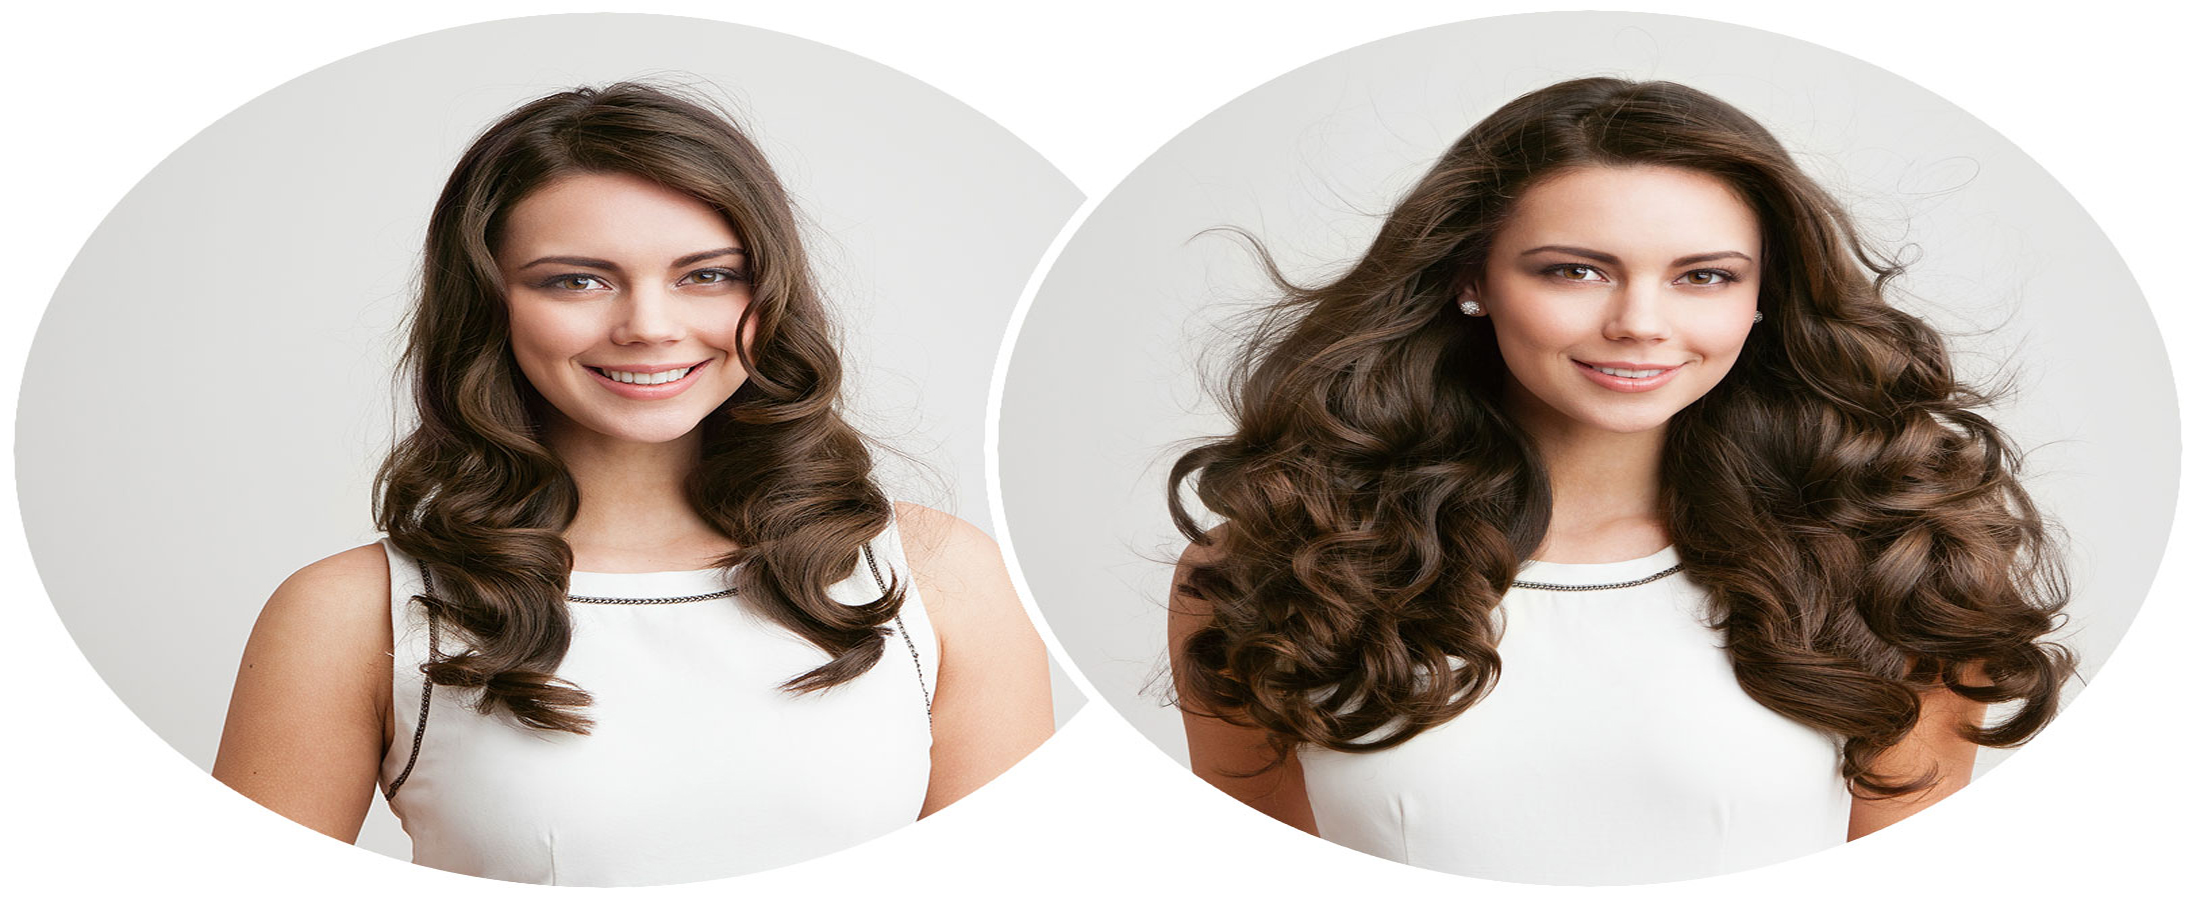 Hair Transplantation Photo